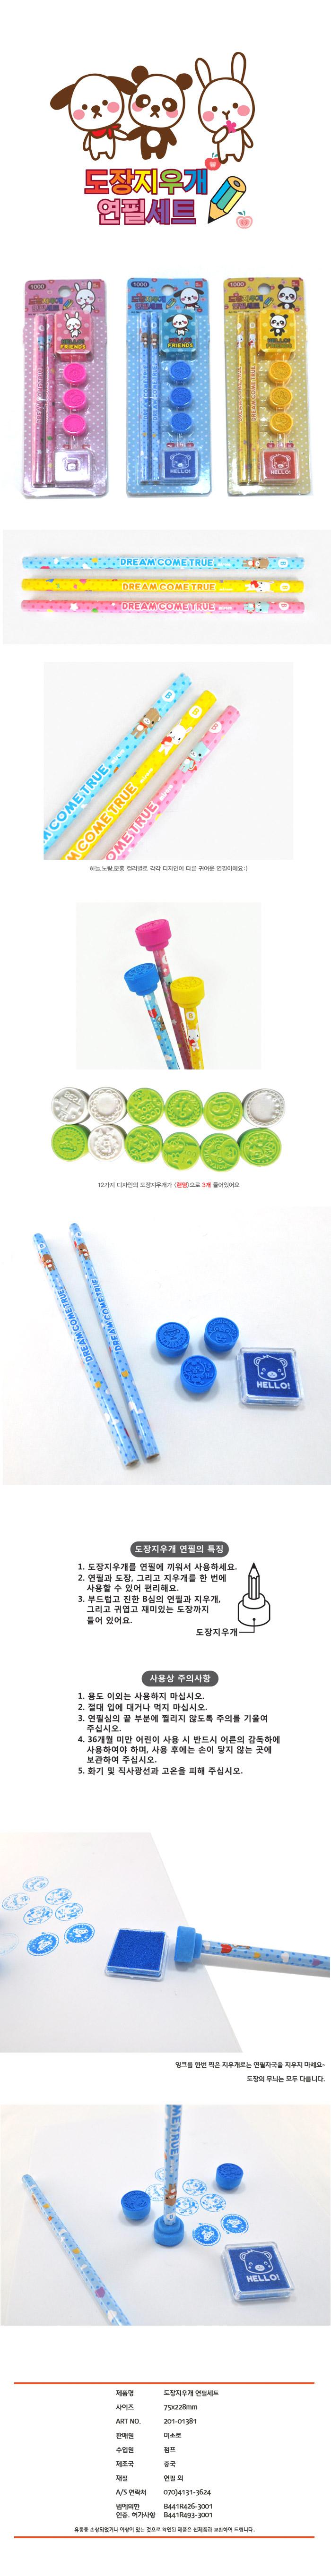 1000도장지우개 연필세트 - 유앤알코리아, 1,000원, 연필, 연필세트